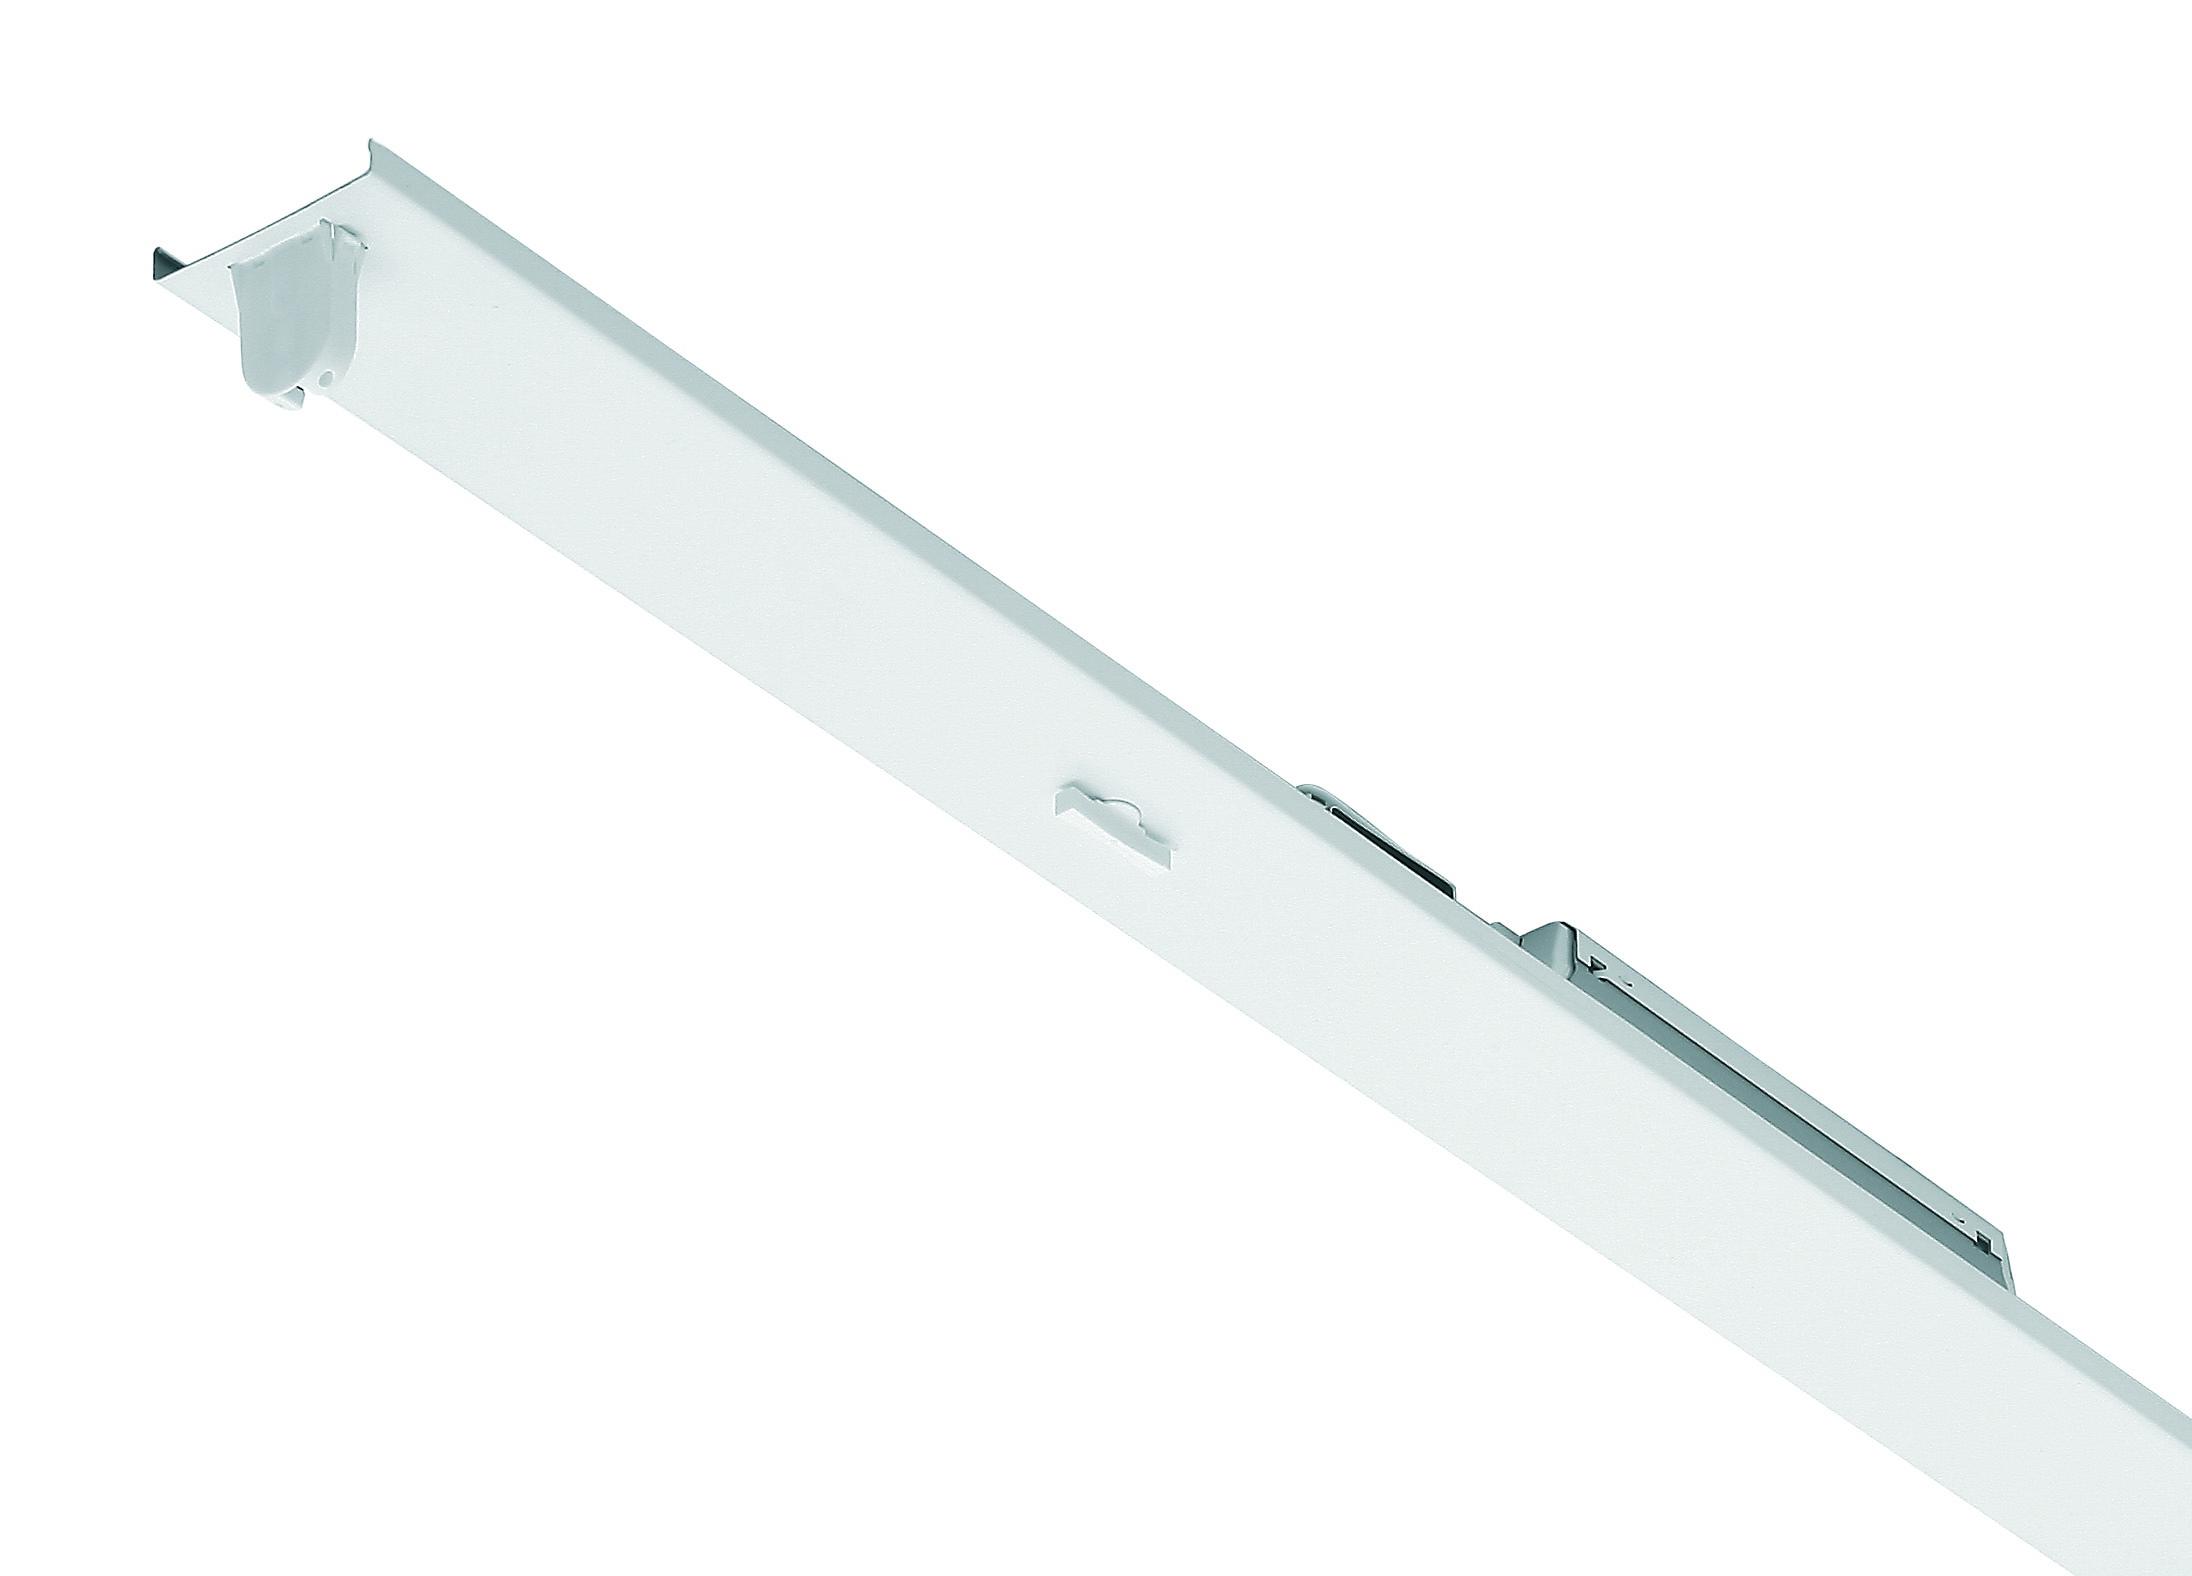 1 Stk L-SE Lichteinsatz DM 1x58W EVG LI99000086